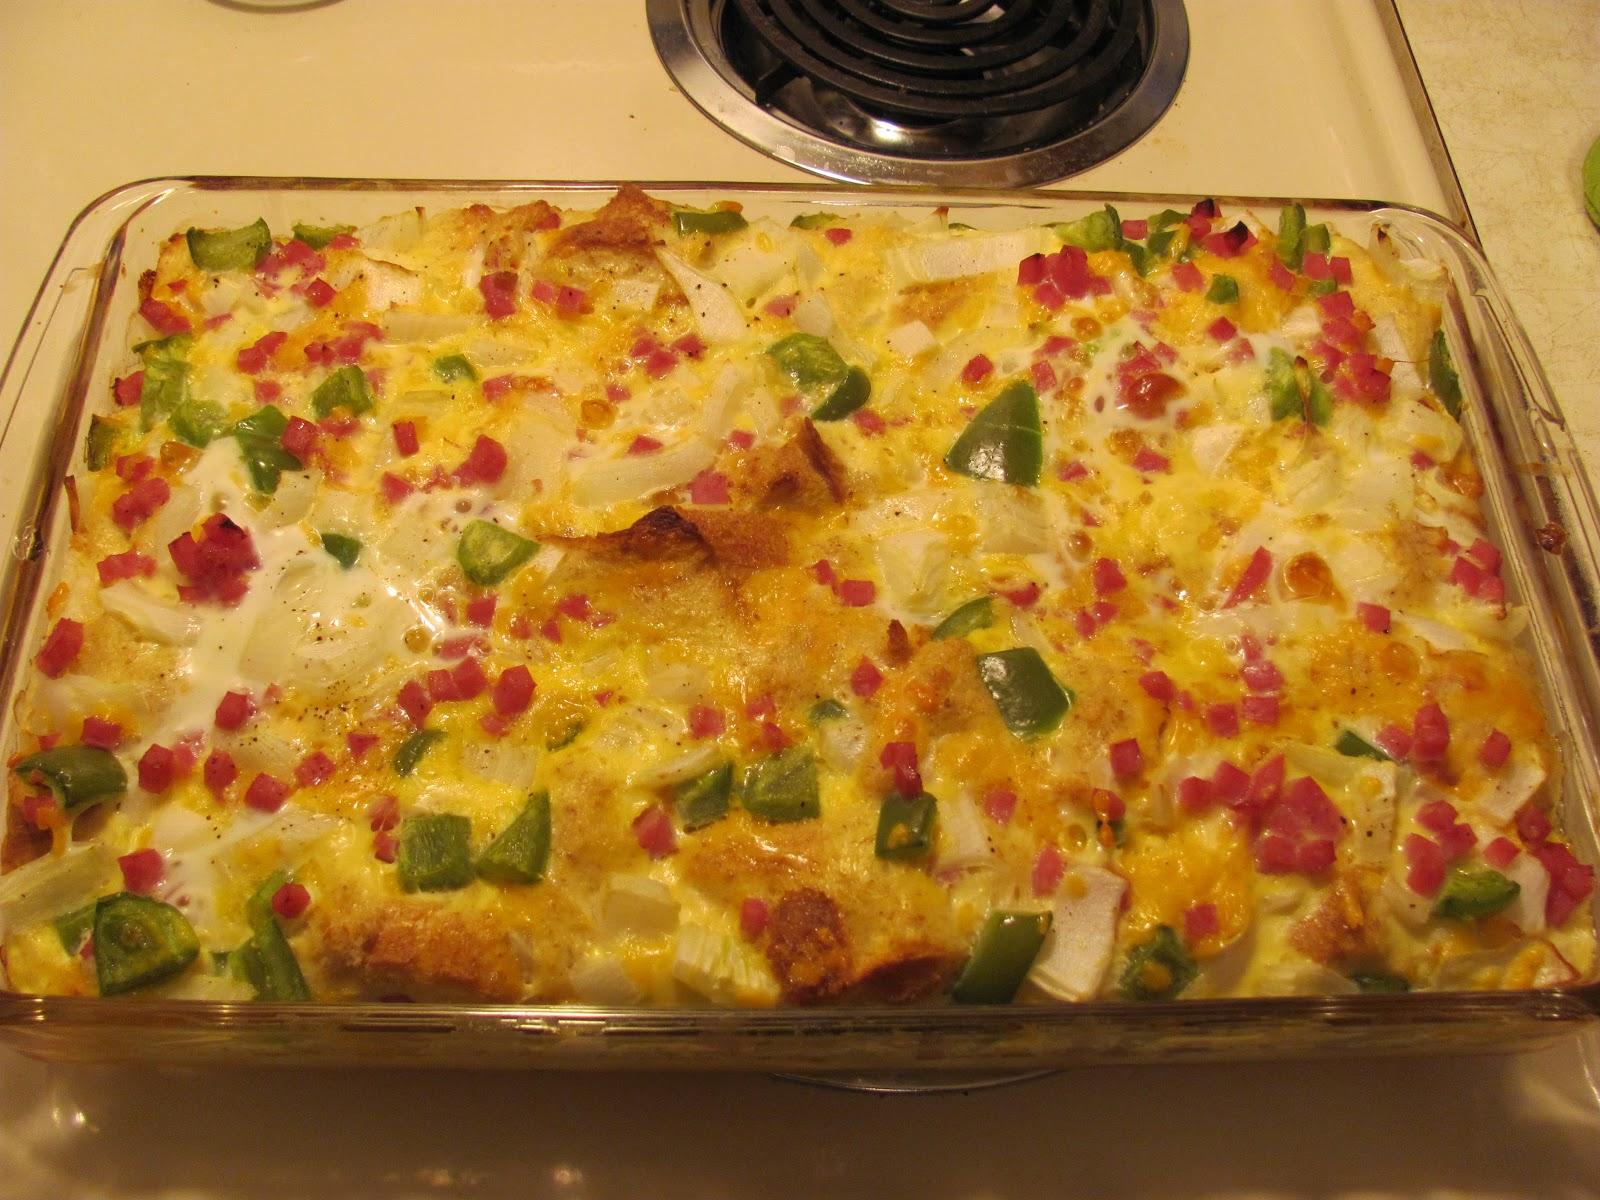 Thrifty Handy Mommy: Egg Bake: Denver Omelet Style!